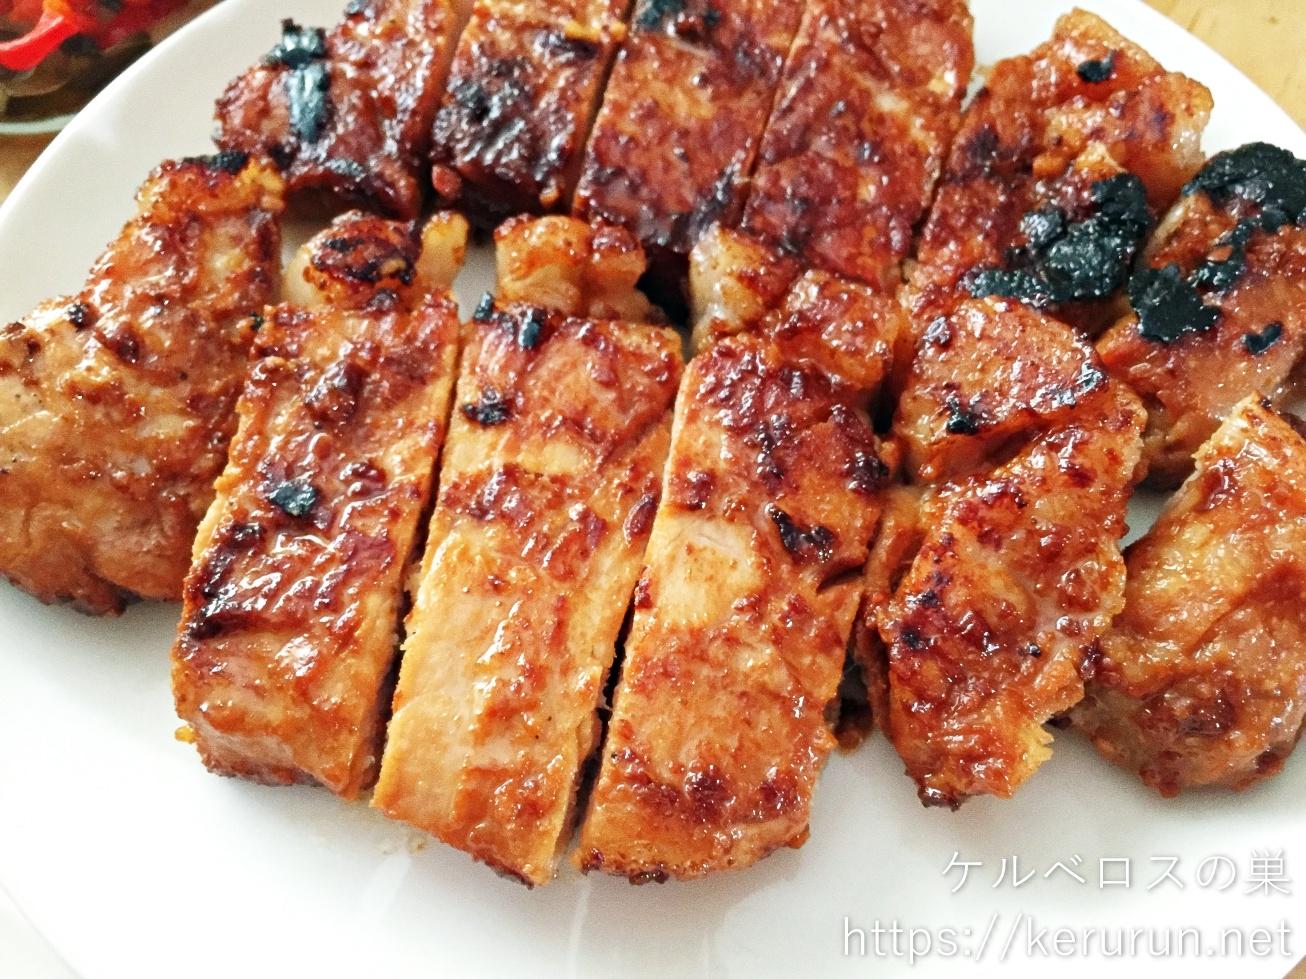 コストコの国産豚肉で作る味噌漬け焼き弁当